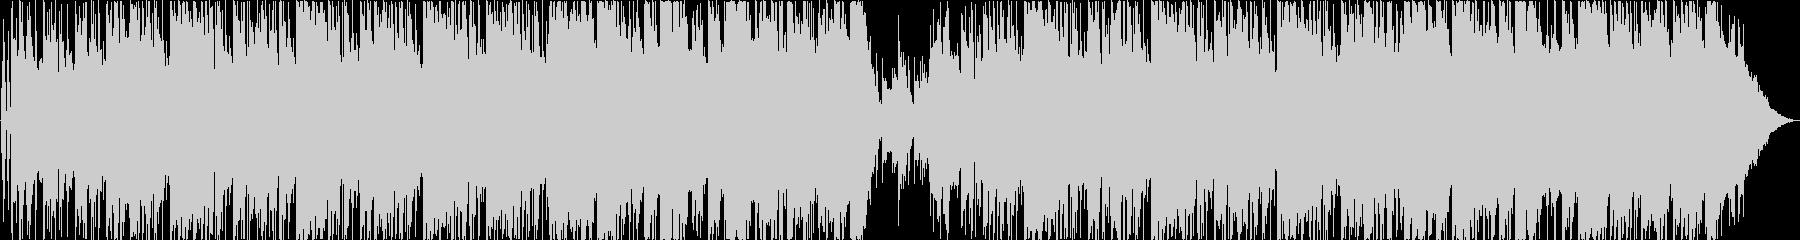 チル系HIPHOP/まったりステイホームの未再生の波形